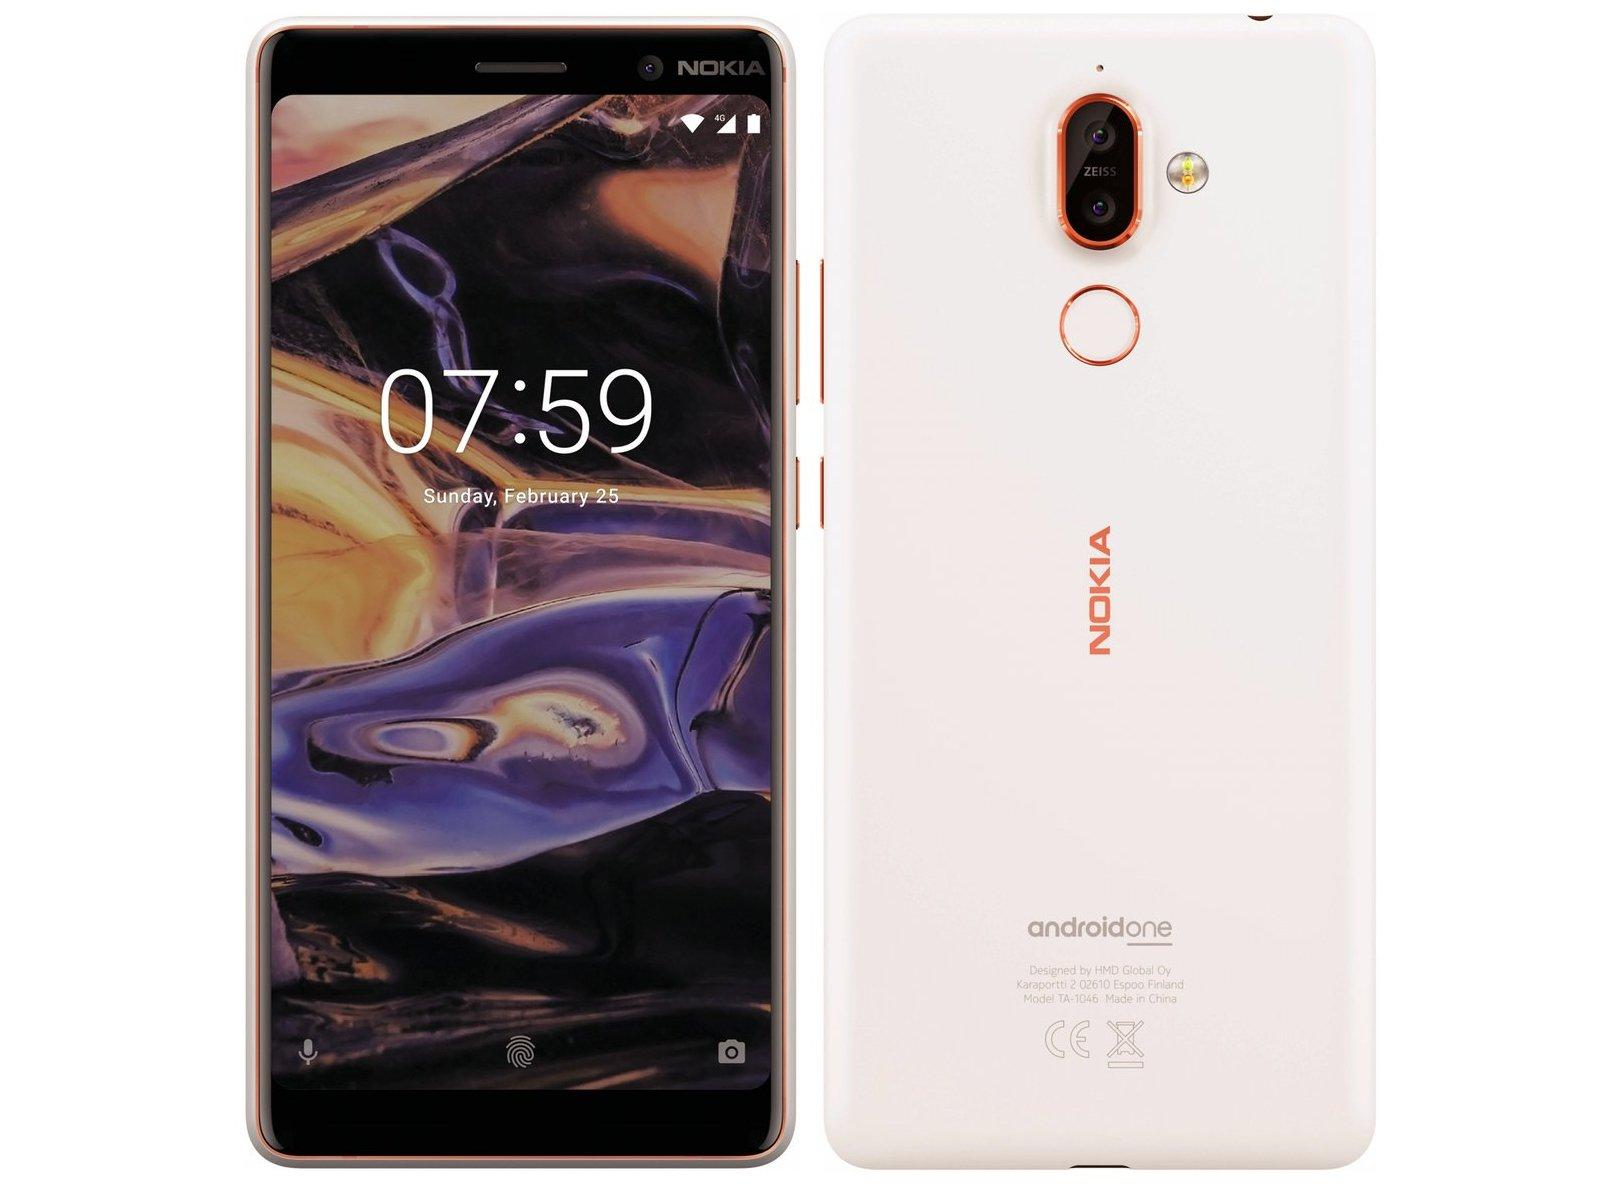 Πολύ λεπτομερής τα δύο νέα renders των Nokia 7 Plus και Nokia 1 1